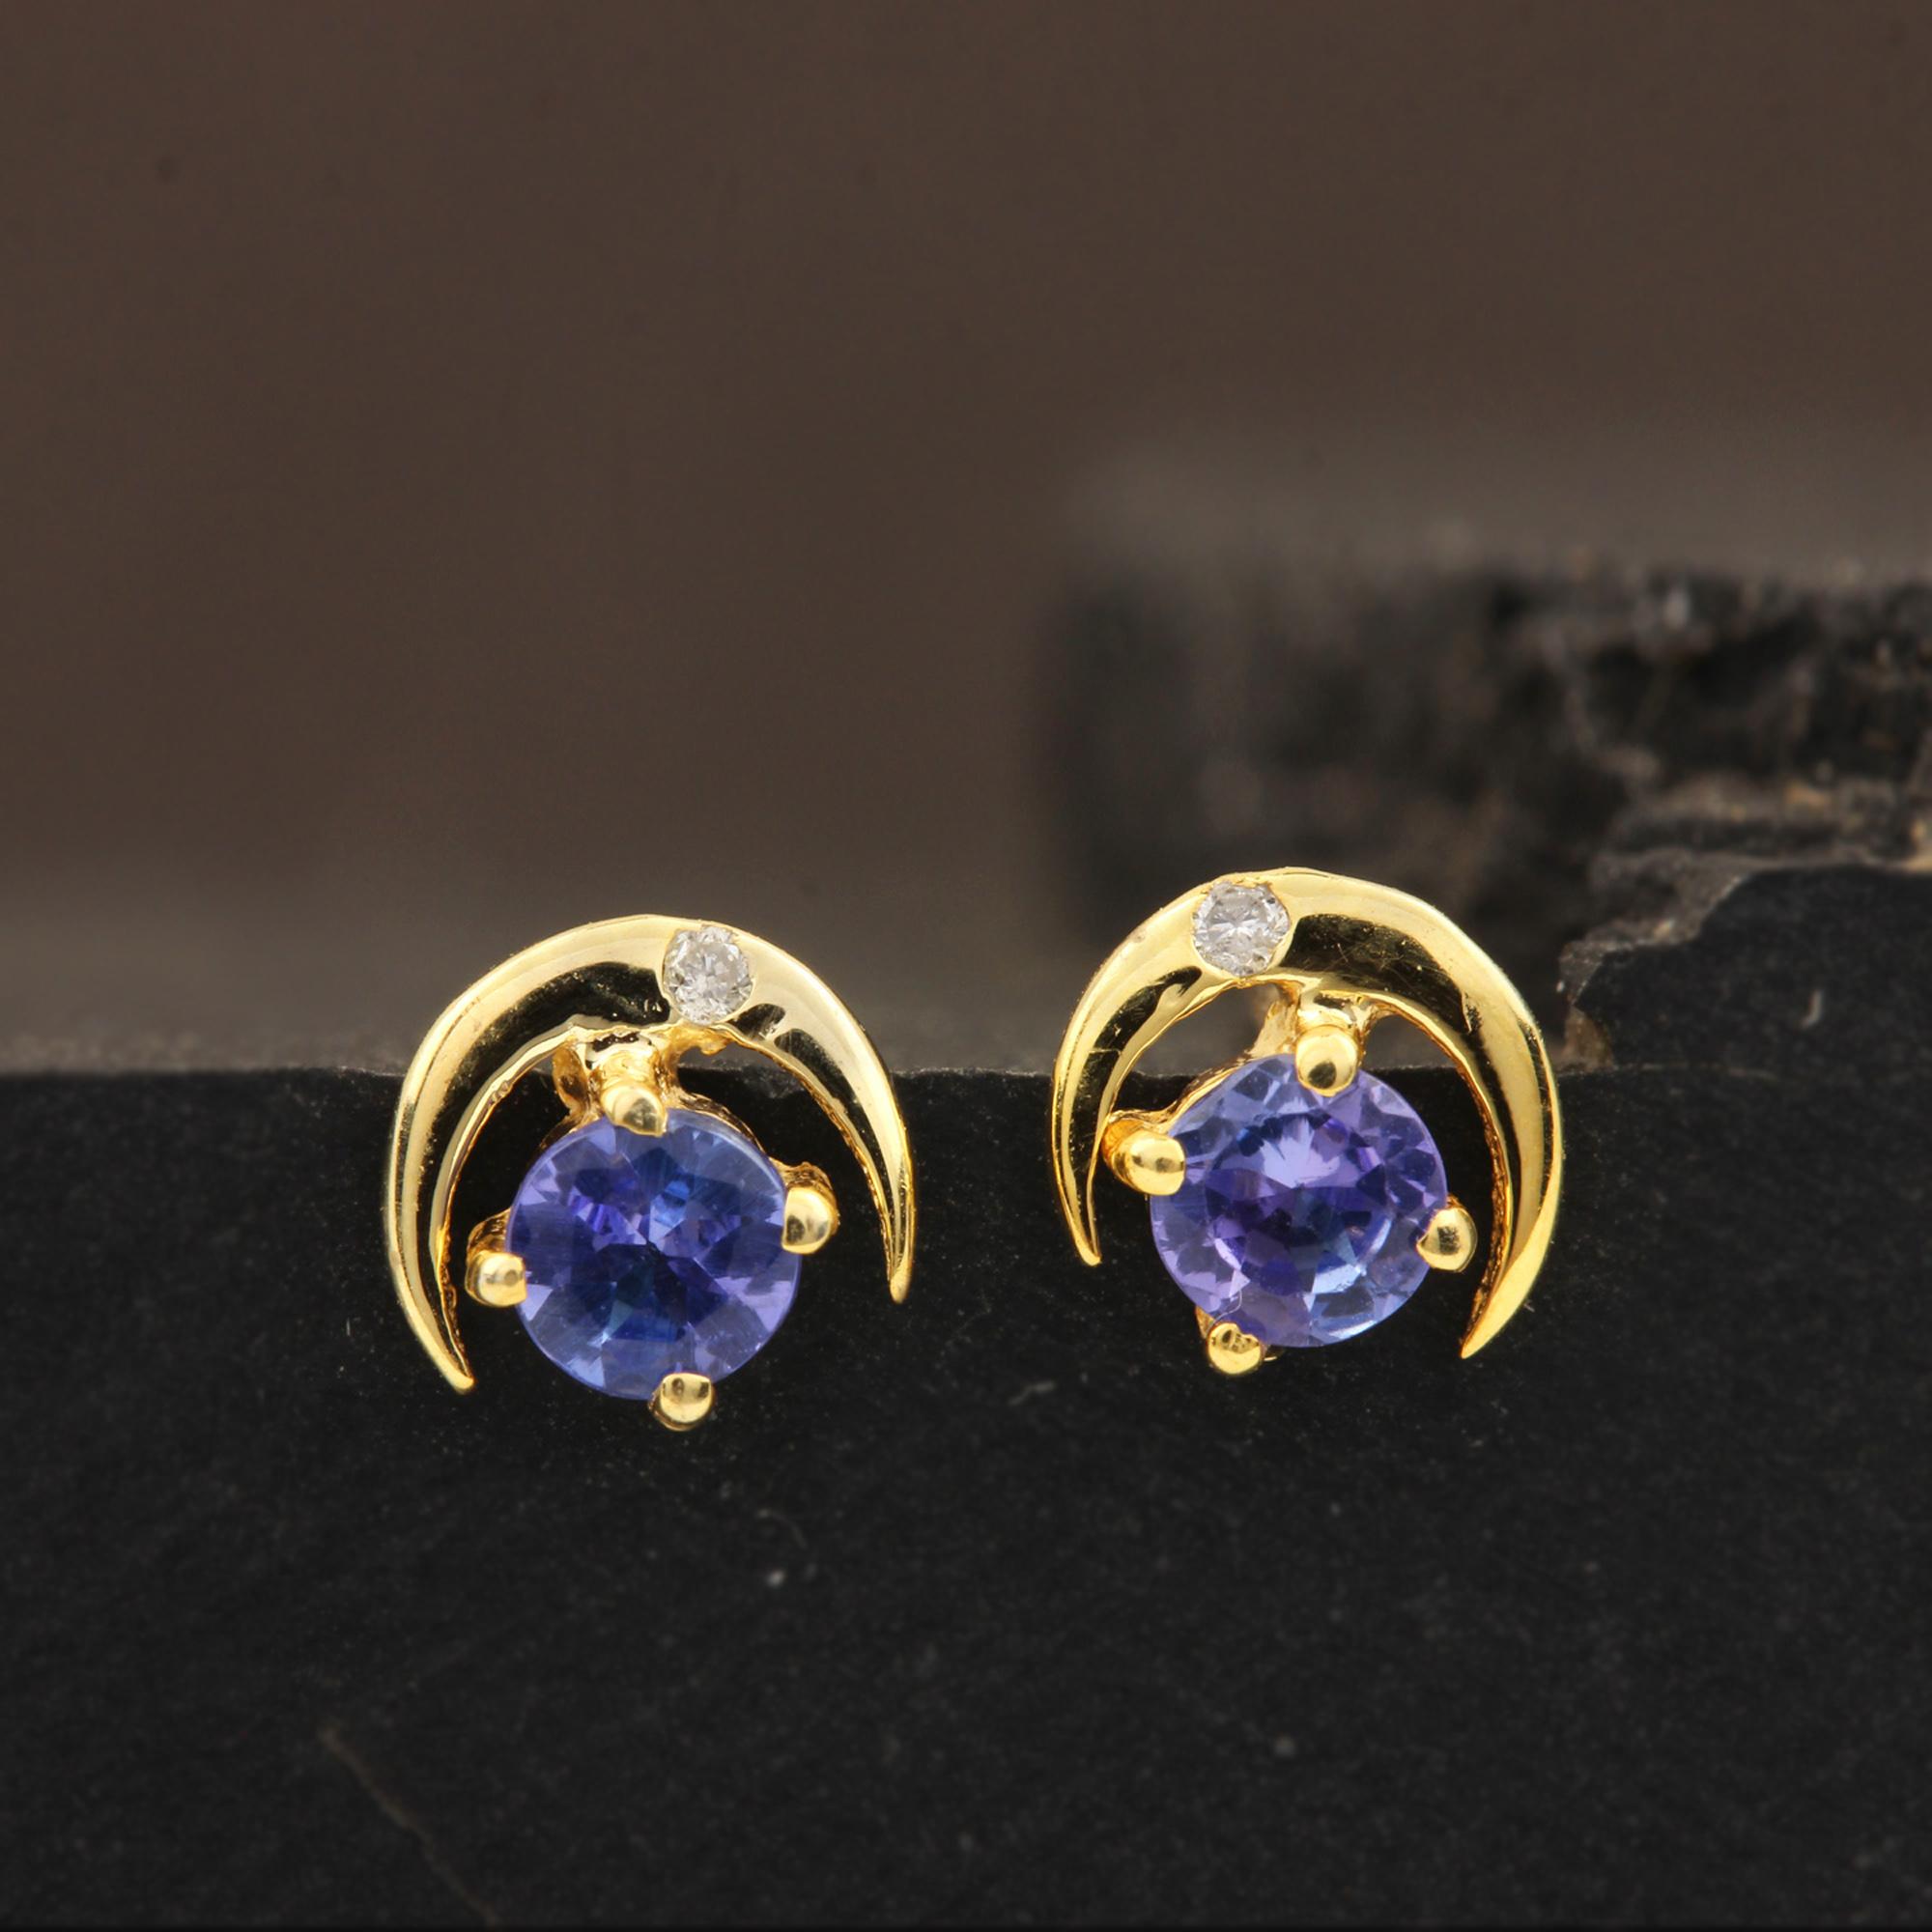 Natural Tanzanite Minimalist Stud Earrings 14k Solid Gold Diamond Jewelry